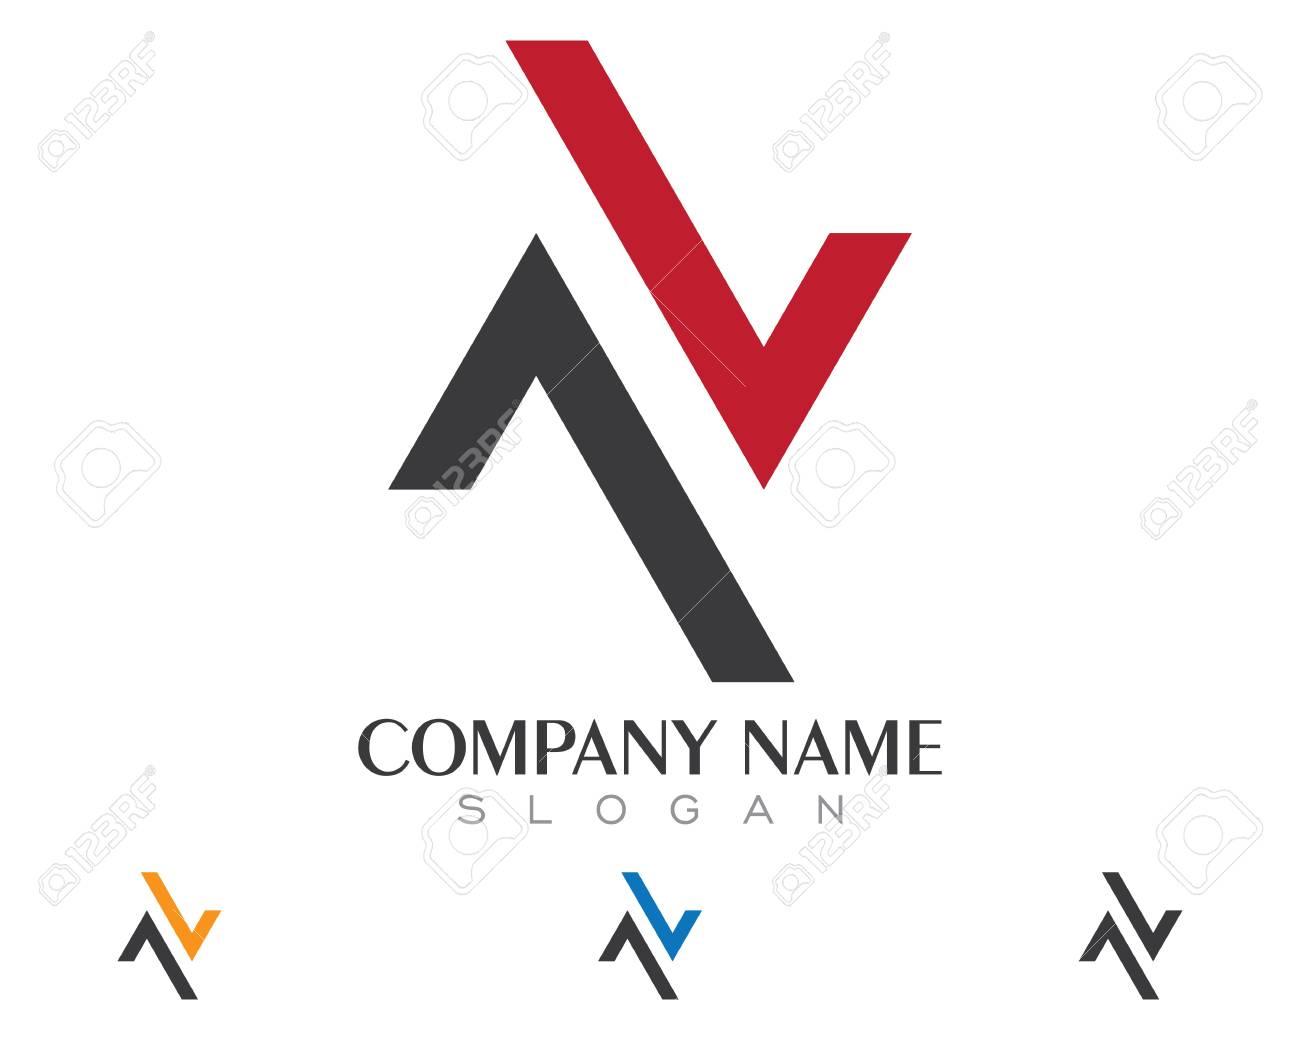 N Letter Logo Template - 82913543